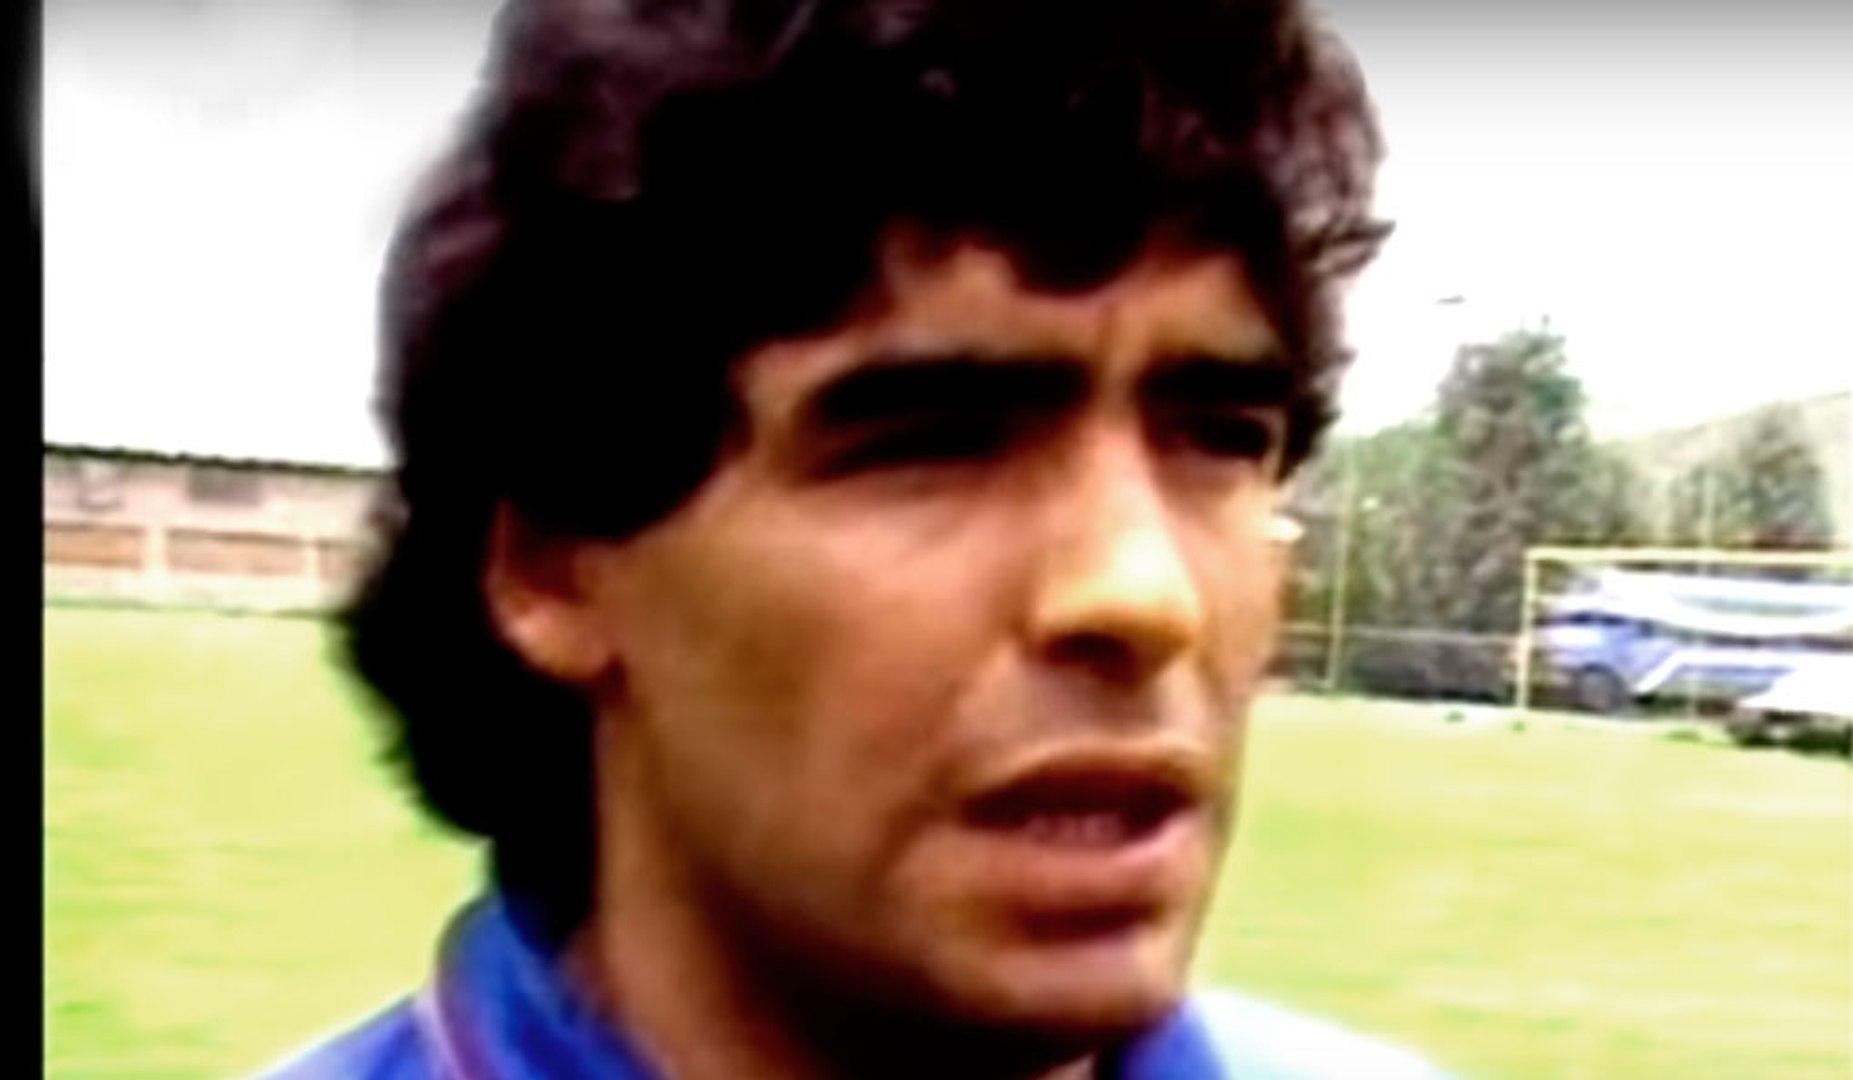 Mundial México 1986 - Previa Argentina vs Alemania - Entrevista Valdano, Maradona - Celebración